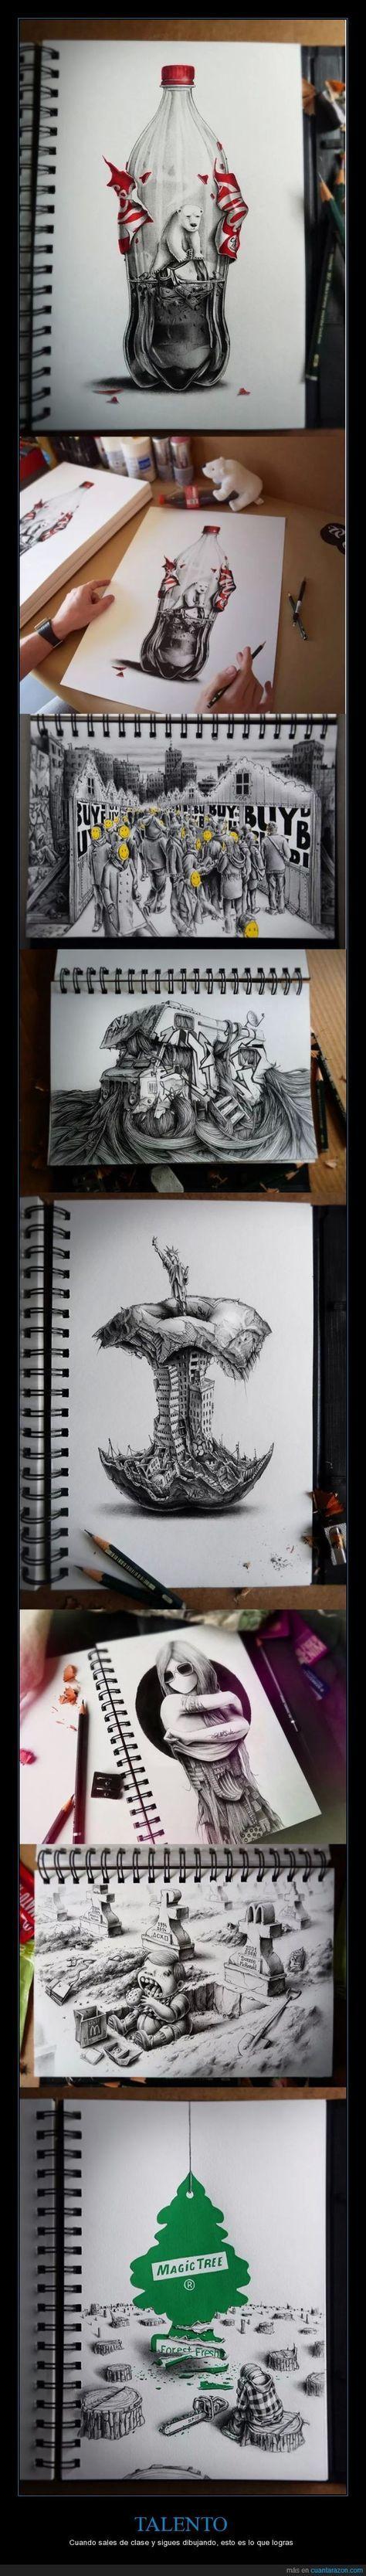 TALENTO - Cuando sales de clase y sigues dibujando, esto es lo que logras